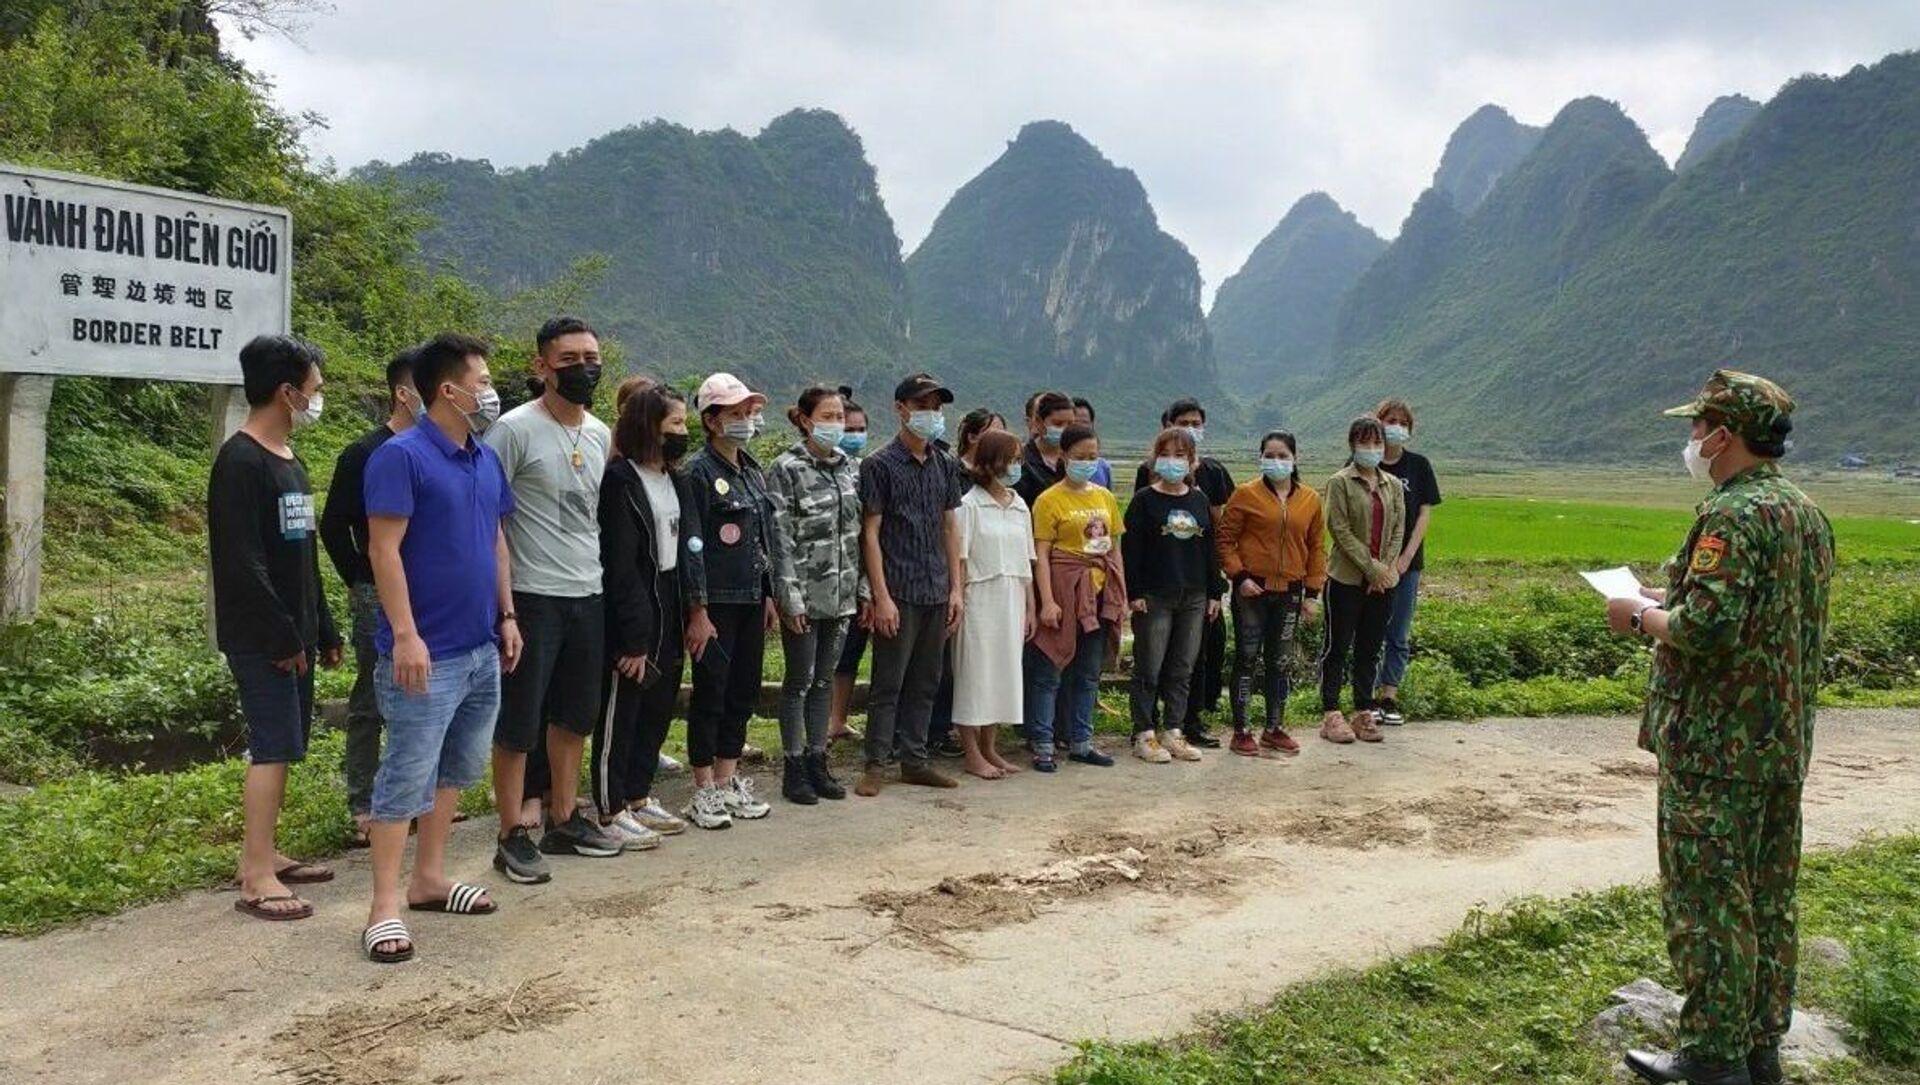 COVID-19: BĐBP Cao Bằng phát hiện 53 người nhập cảnh trái phép - Sputnik Việt Nam, 1920, 10.05.2021